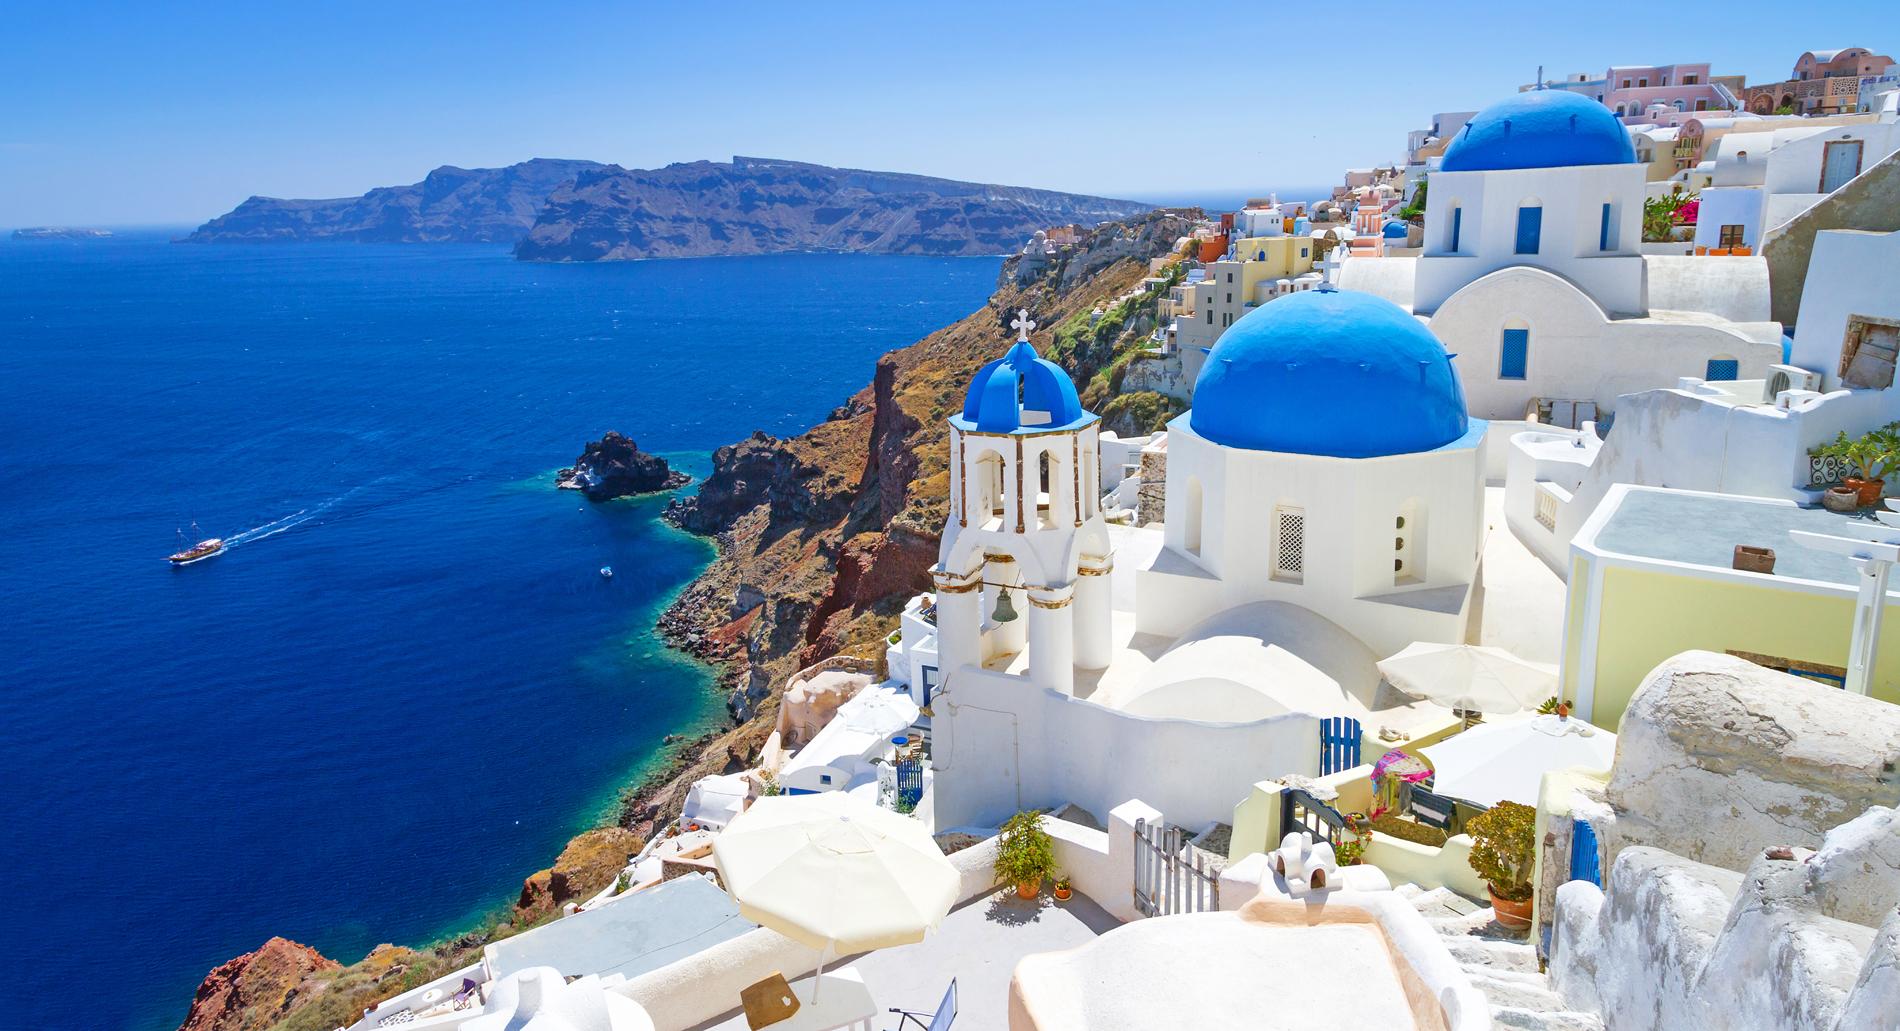 grekland öar karta